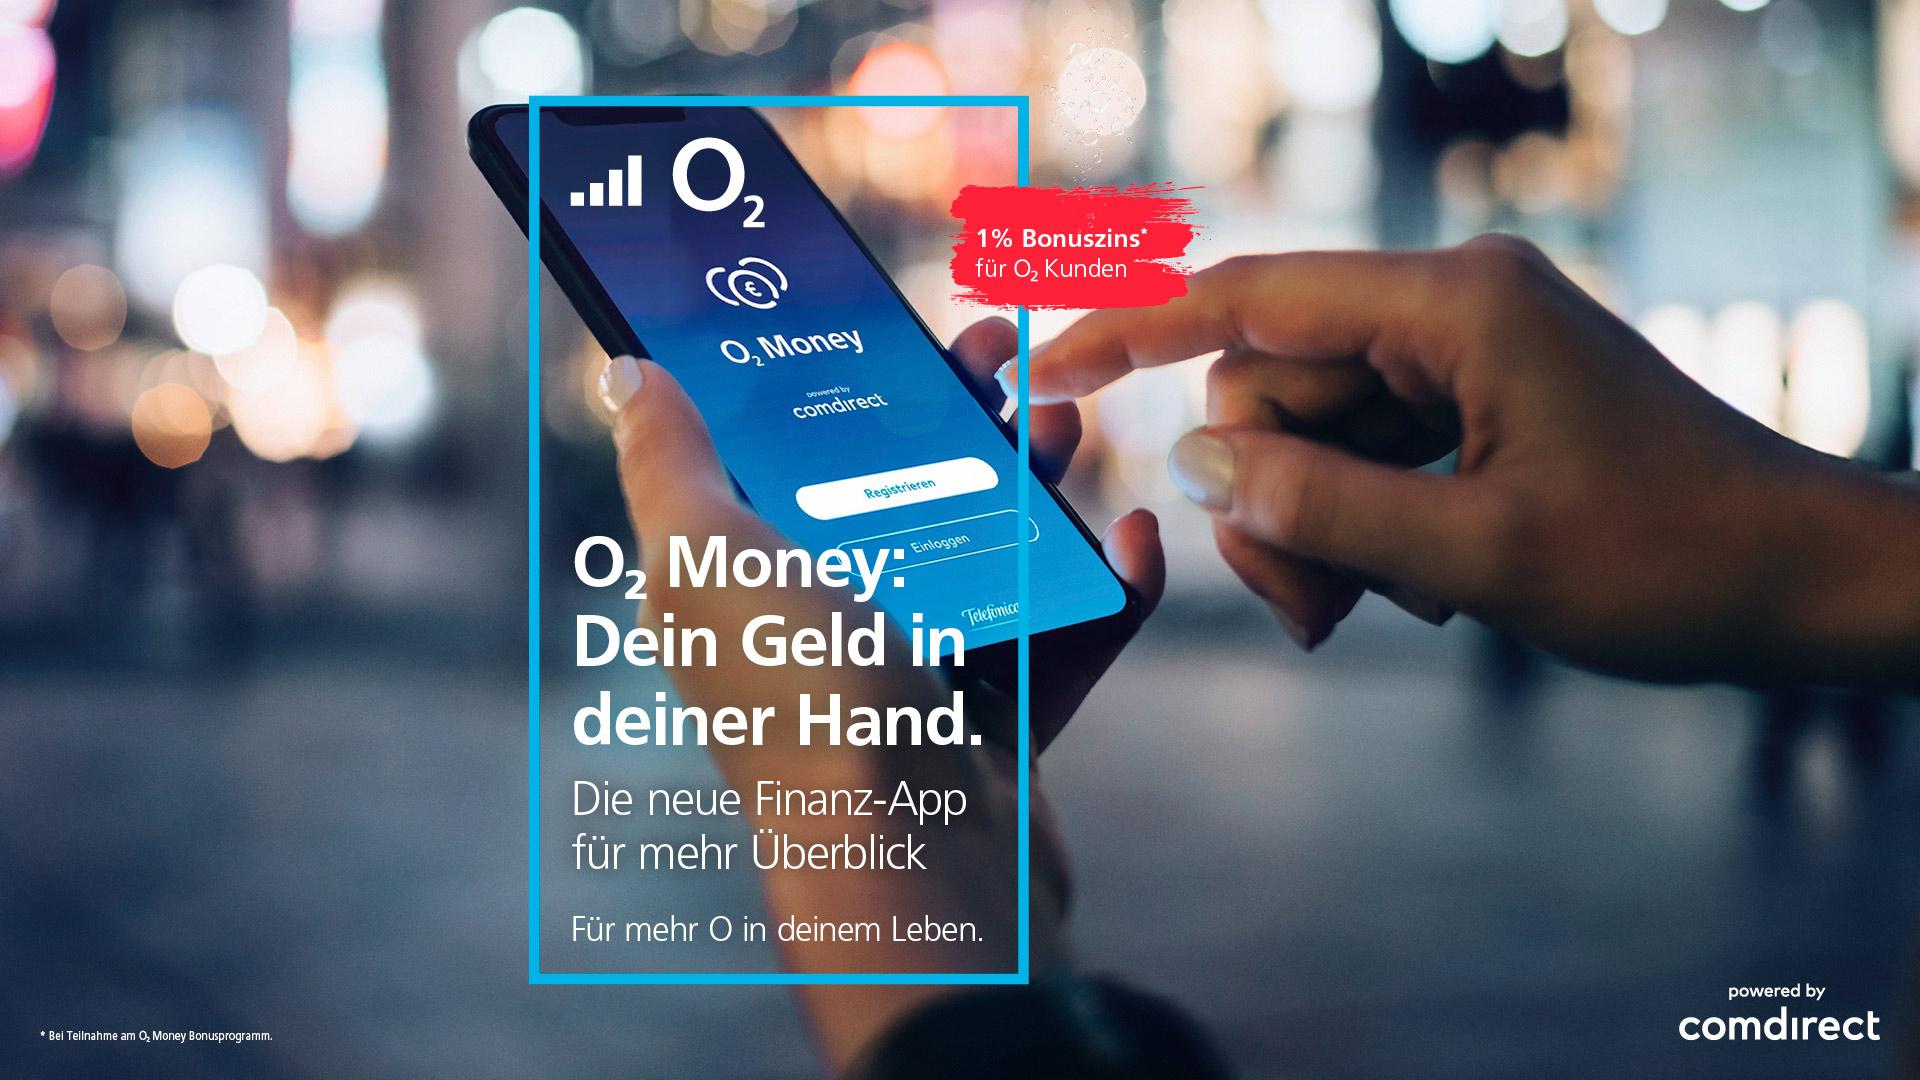 [Freebie o2 Kunden] 1% Zinsen (bzw. 2%) auf Guthaben des eigenen Girokontos bei Nutzung der o2 money App